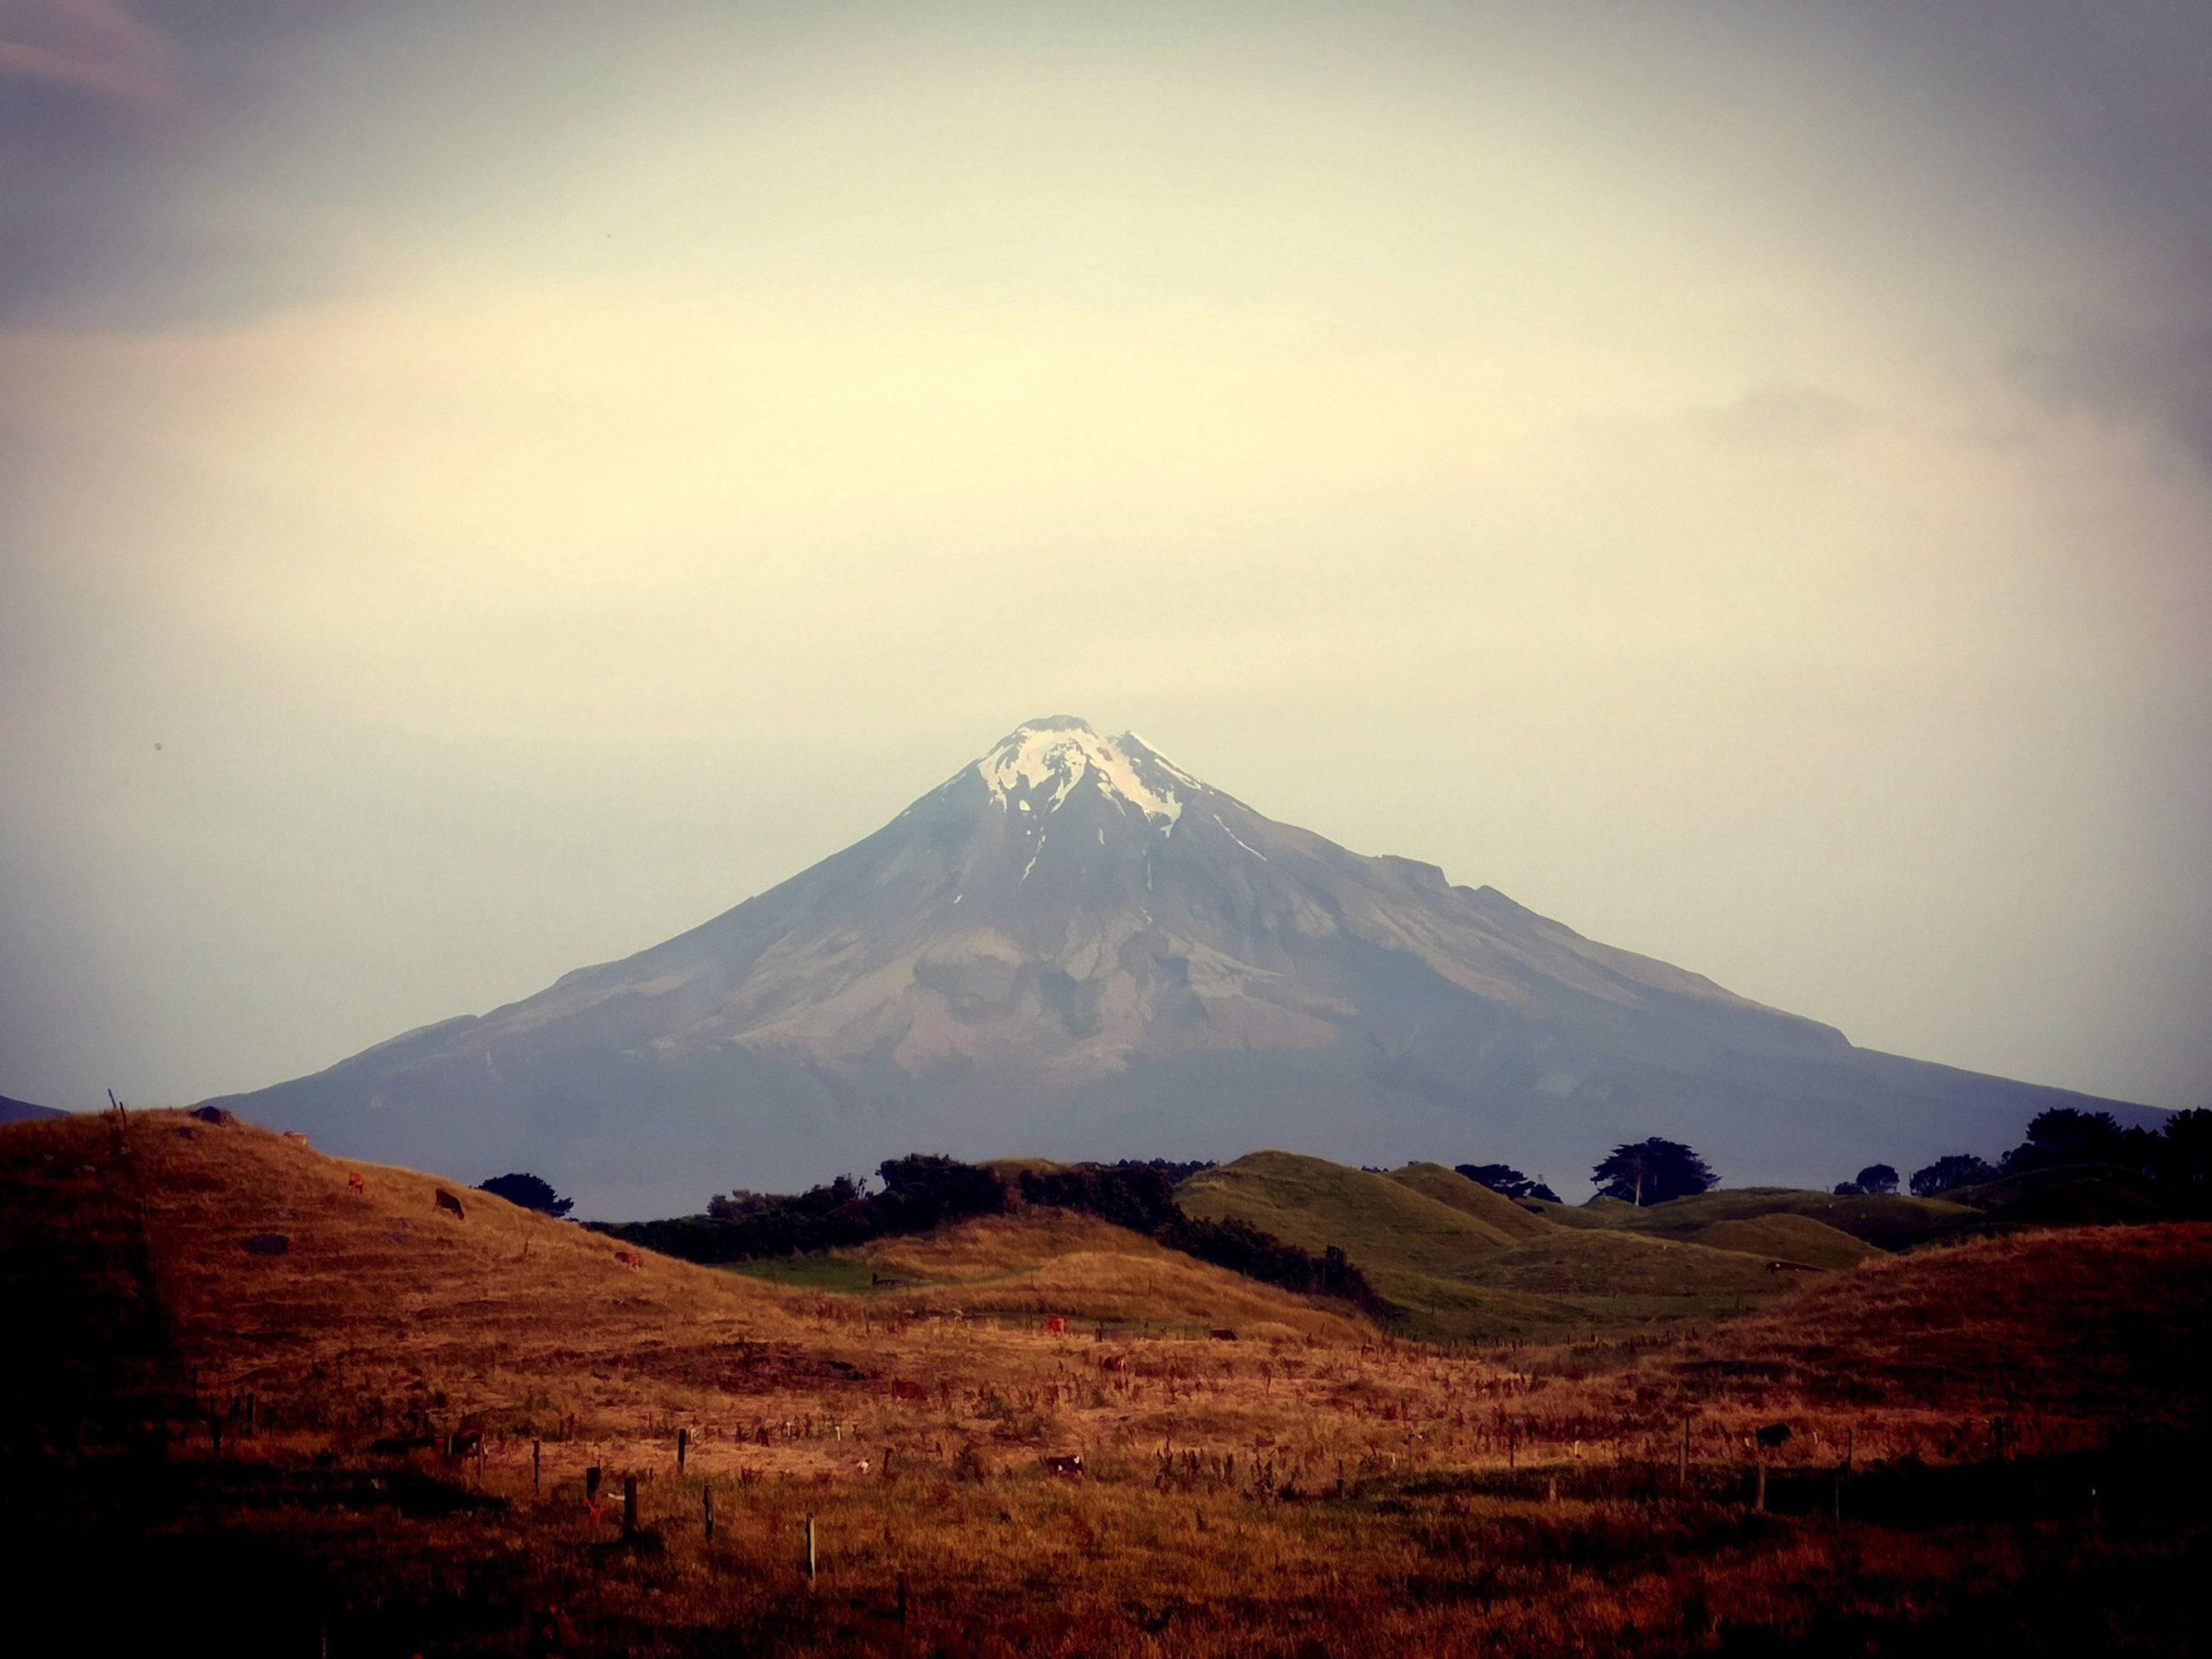 Czym zaskoczyła nas Nowa Zelandia? - zmienność krajobrazów